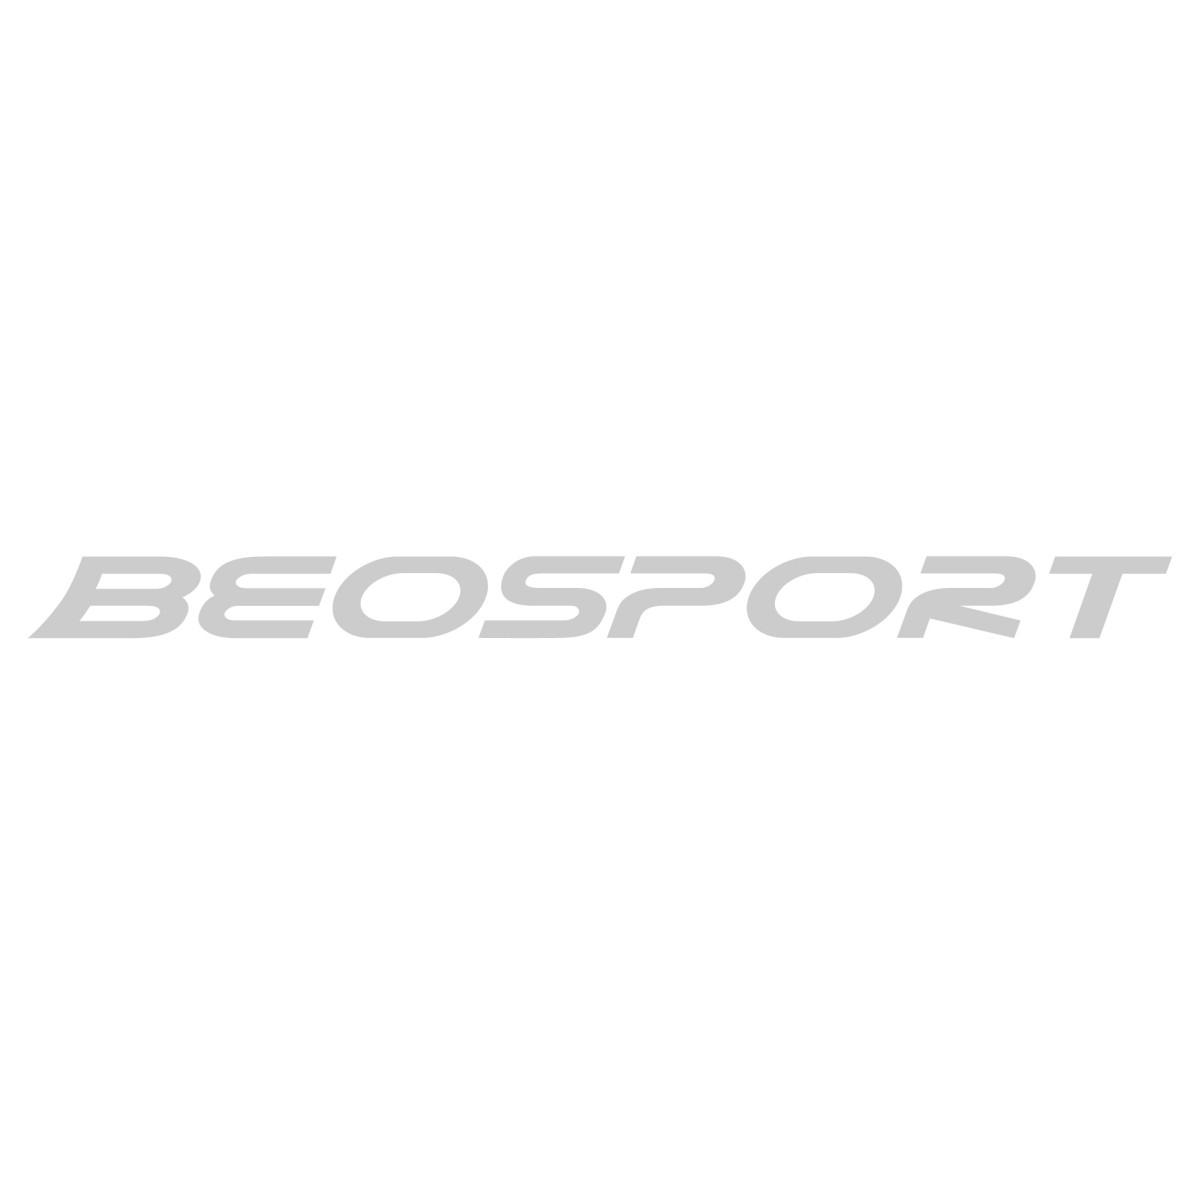 Wilson Fiba 3x3 Mini Rubber Basketball Size 3 lopta za košarku